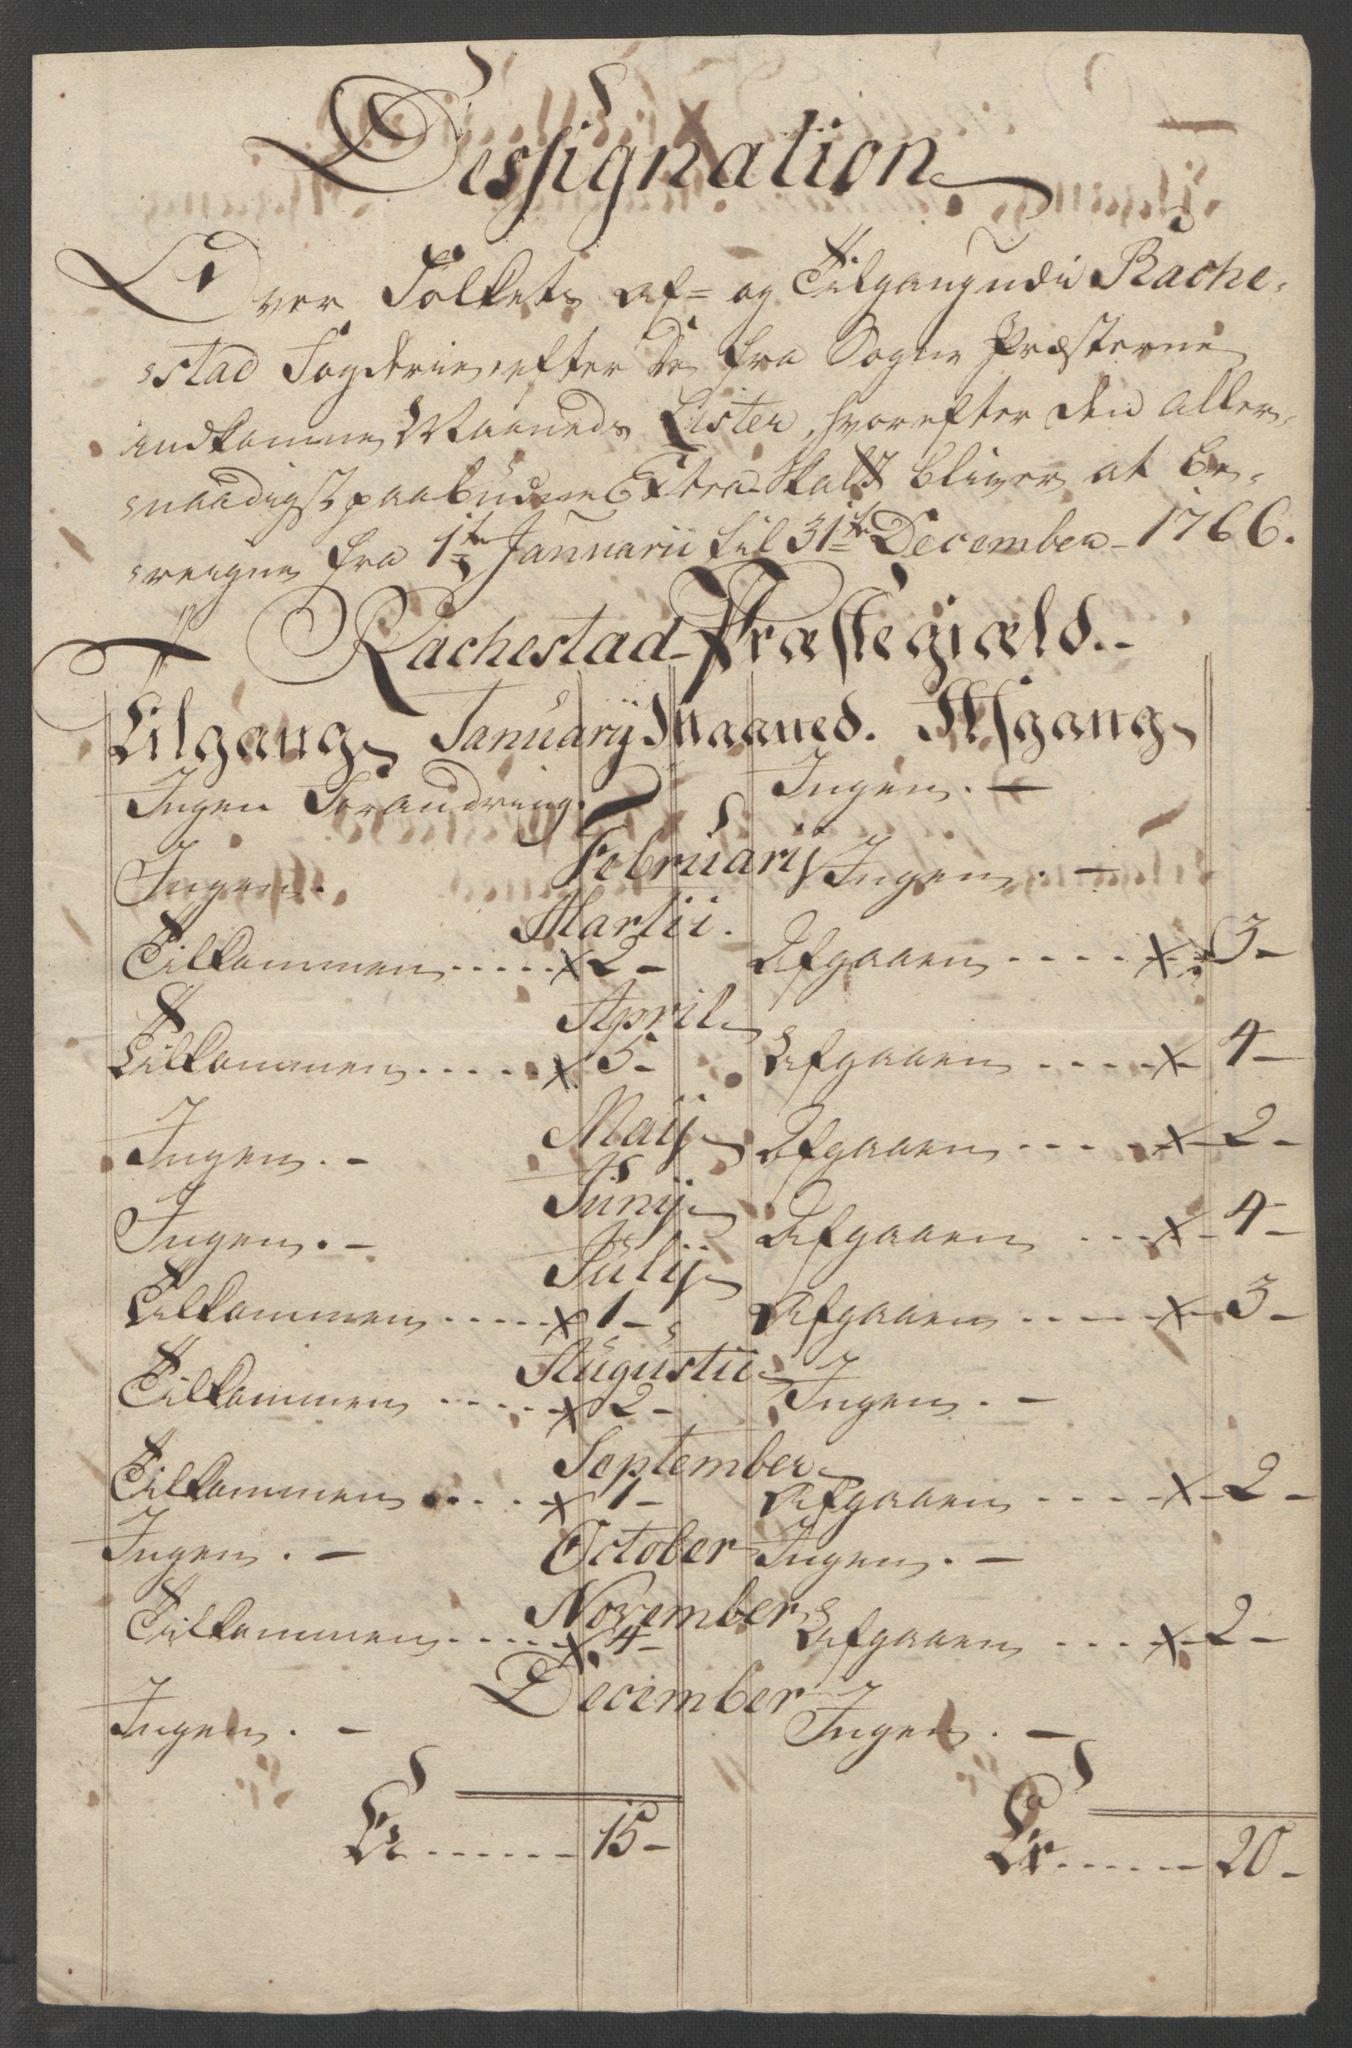 RA, Rentekammeret inntil 1814, Reviderte regnskaper, Fogderegnskap, R07/L0413: Ekstraskatten Rakkestad, Heggen og Frøland, 1762-1772, s. 317